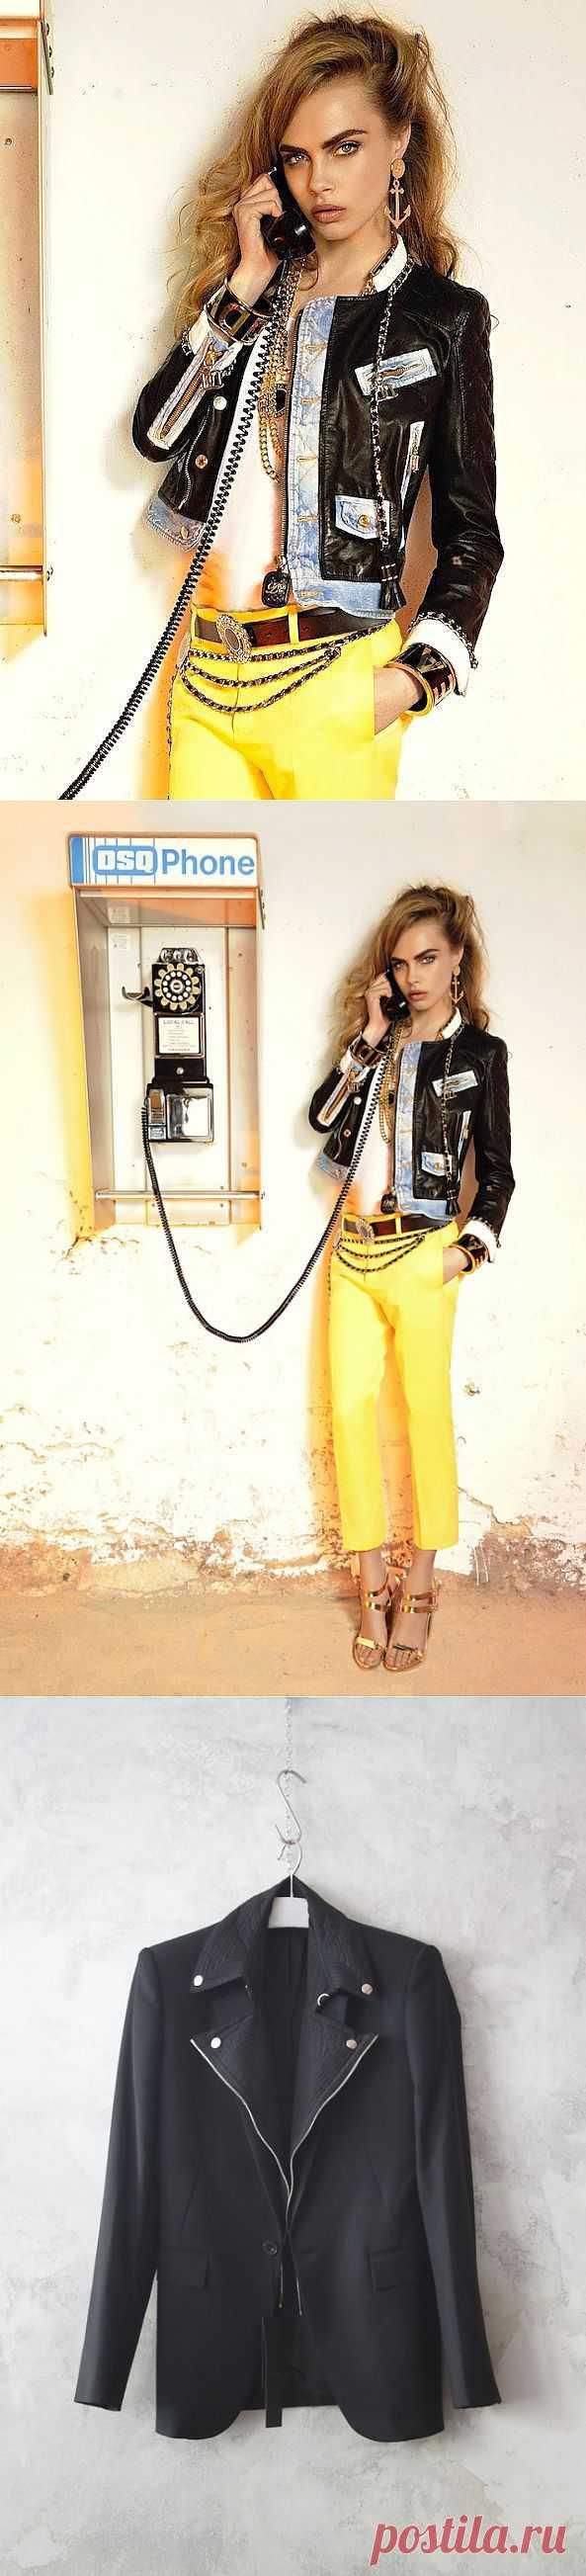 Две курточные комбинации / Курточные переделки / Модный сайт о стильной переделке одежды и интерьера